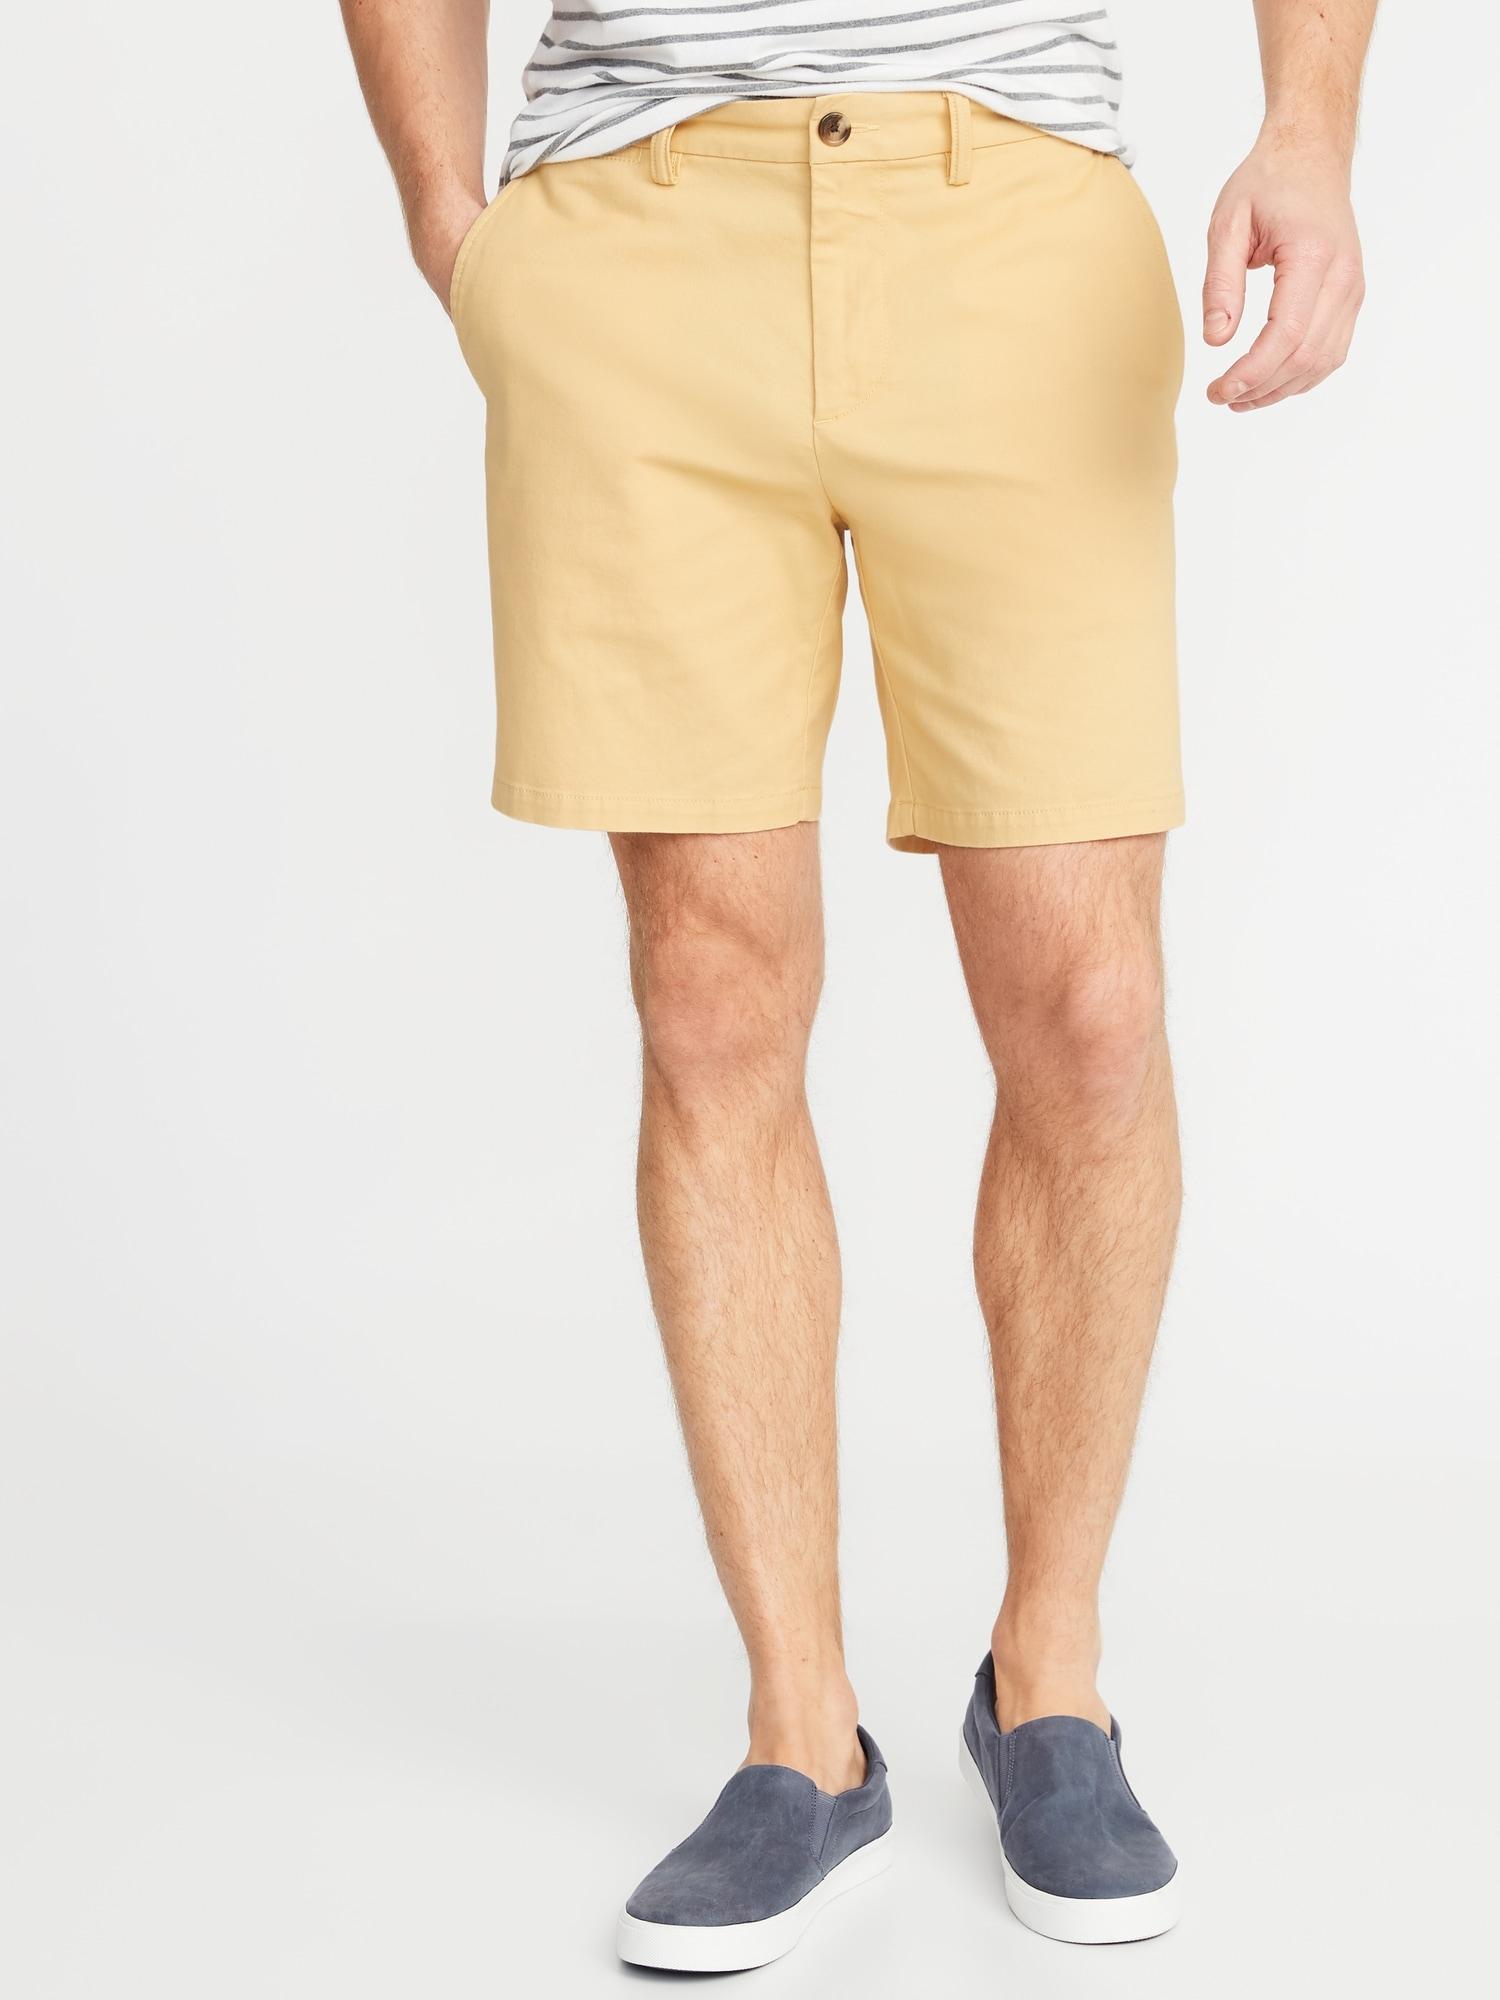 70a77e1e7f6 Ultimate Slim Built-In Flex Shorts for Men - 8-inch inseam